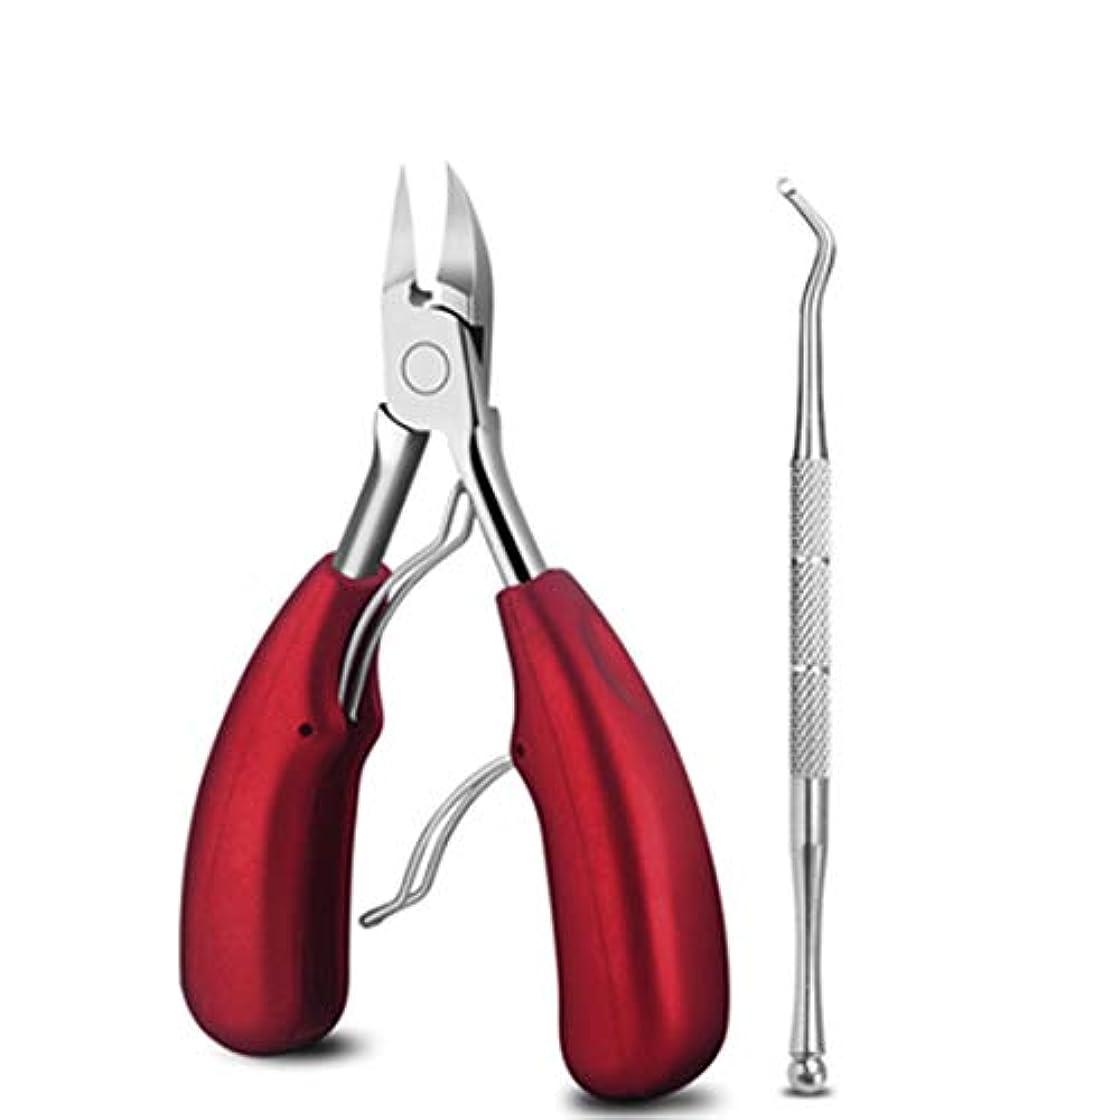 徴収ロードされたお互い爪切り ニッパー 硬い厚い爪 の手入手足兼用 ネイルニッパー 2点セット